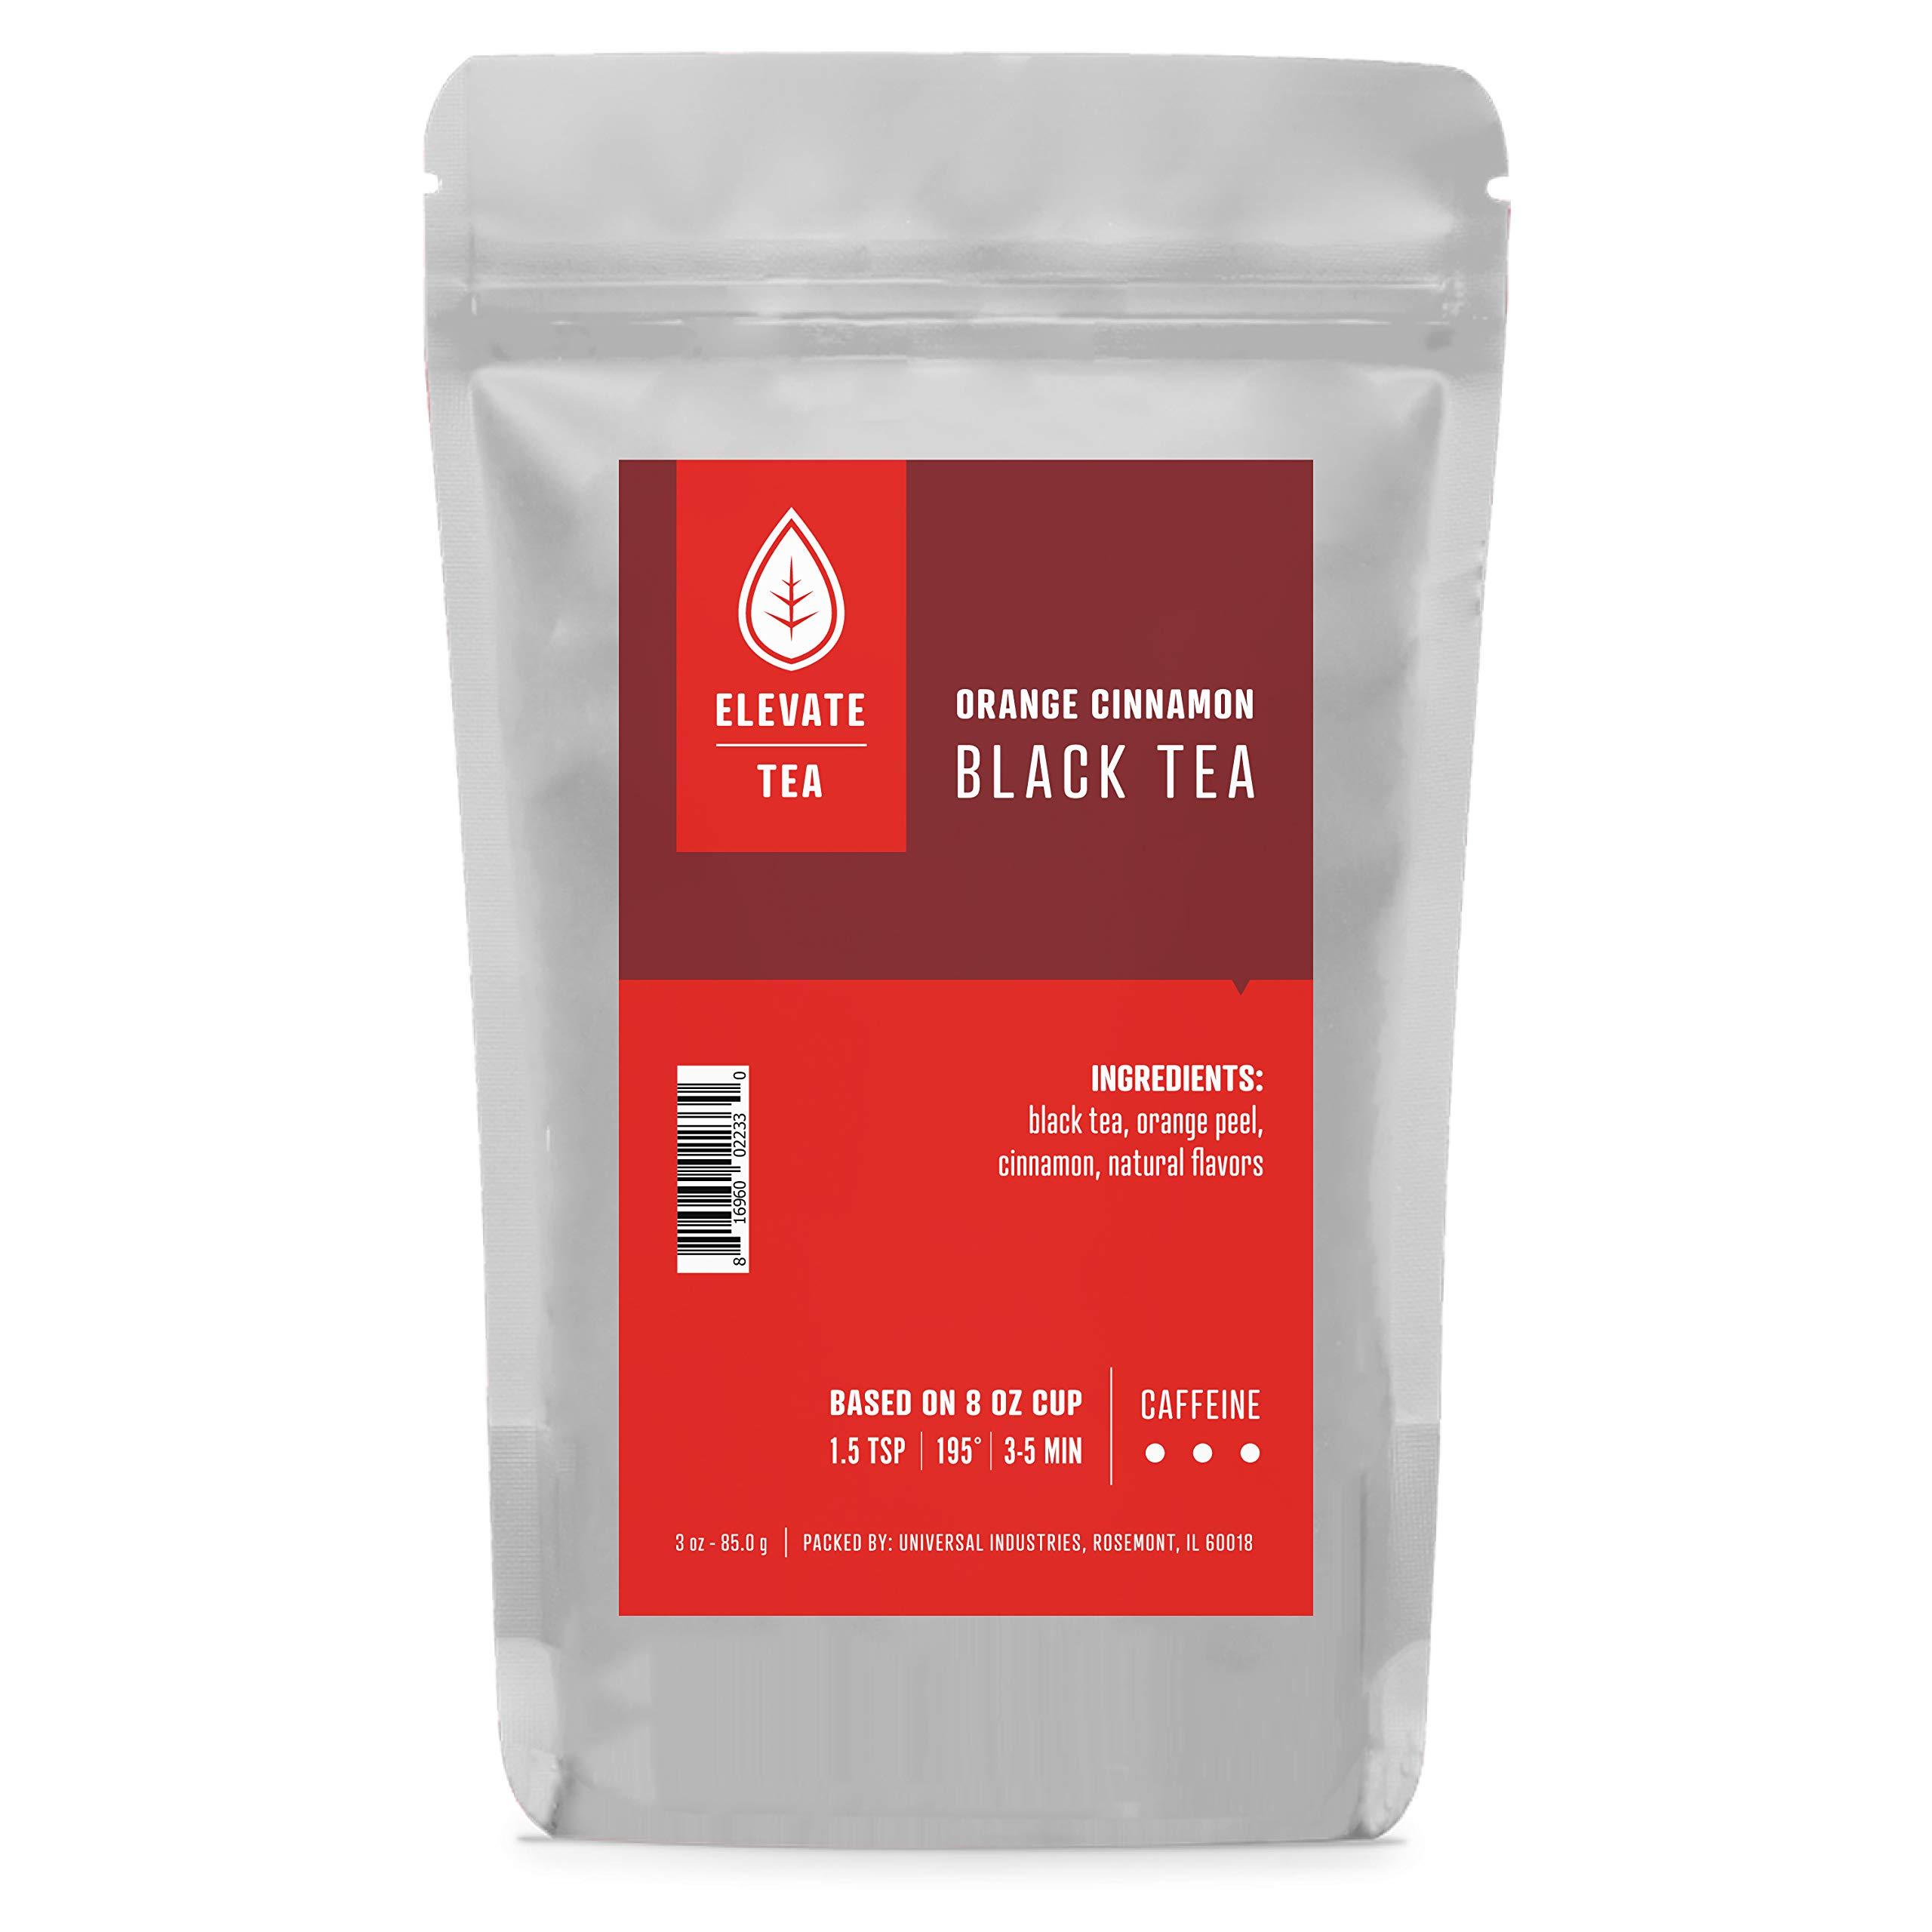 Elevate Tea ORANGE CINNAMON BLACK TEA, 30 servings, 3 Ounce Pouch, Caffeine Level: High, Single Unit